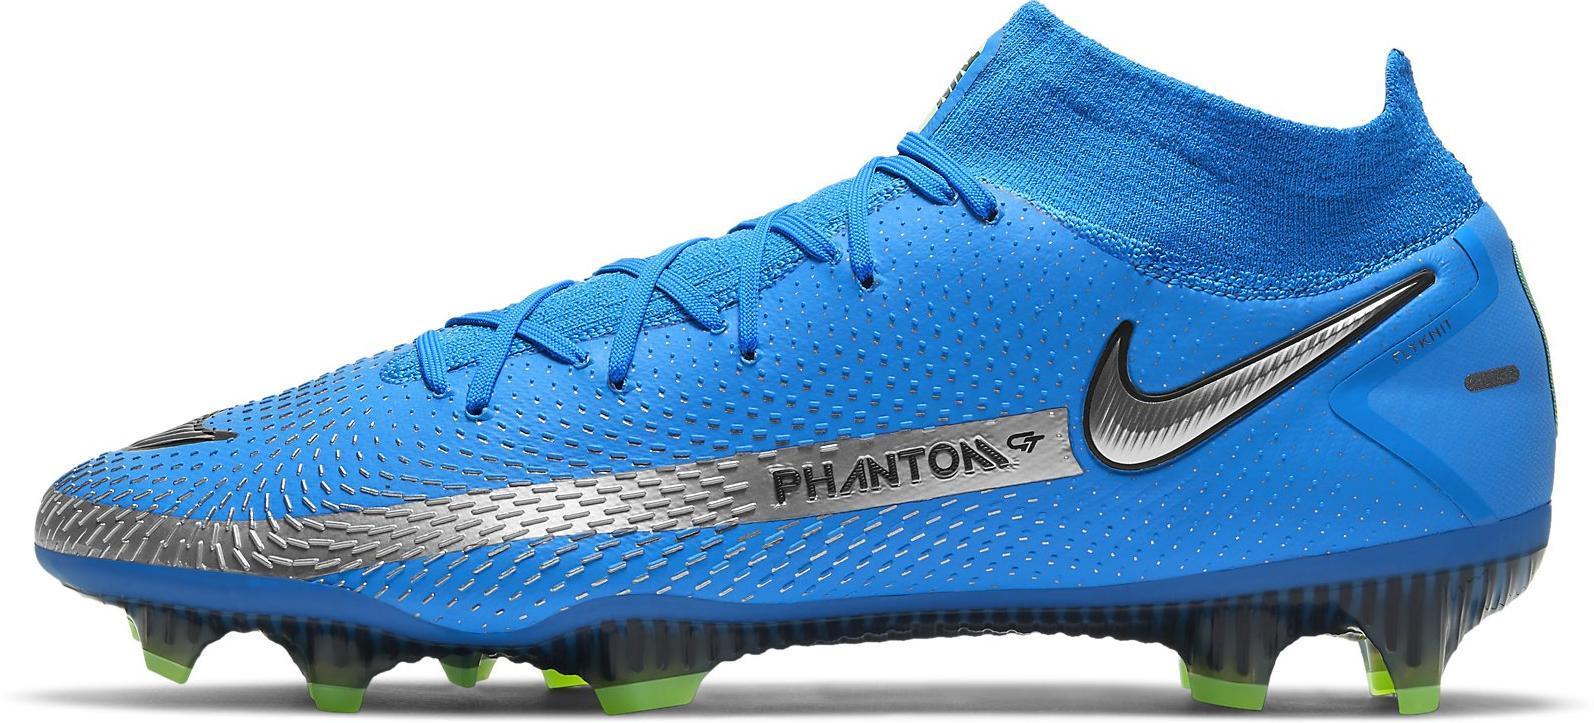 Kopačky Nike  PHANTOM GT ELITE DF FG modrá